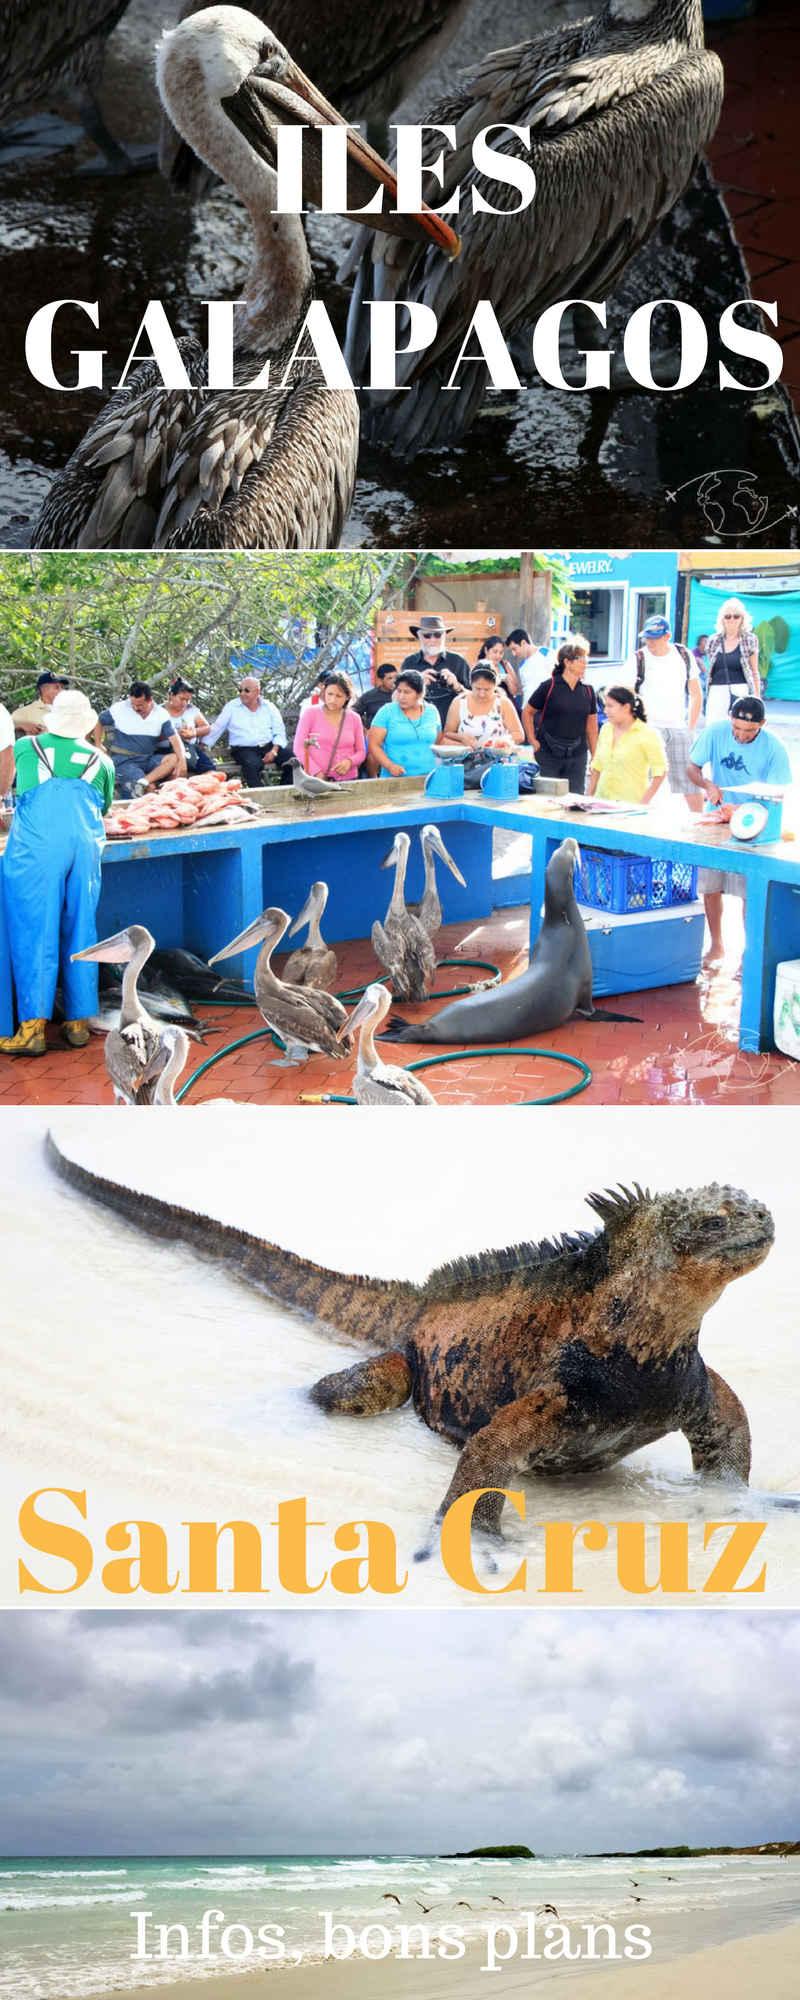 Visiter les Iles Galapagos, la réalisation d'un rêve de voyageur. Informations, bons plans, liens utiles et photos de mon séjour à Santa Cruz.